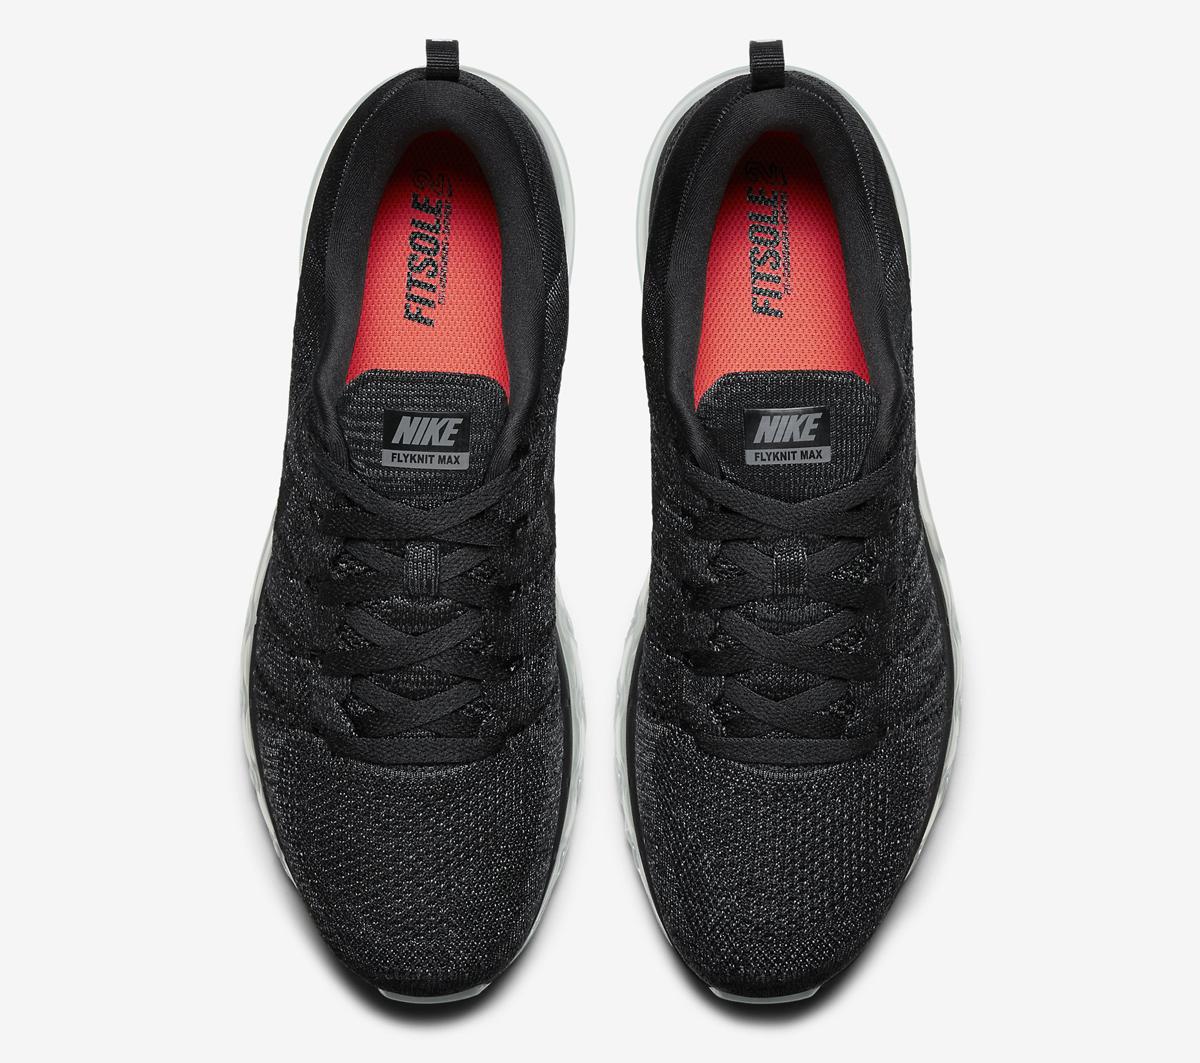 8e3e880cb02 Nike Flyknit Air Max Color  Black Dark Grey Anthracite Black Style    620469 -010. Price   225